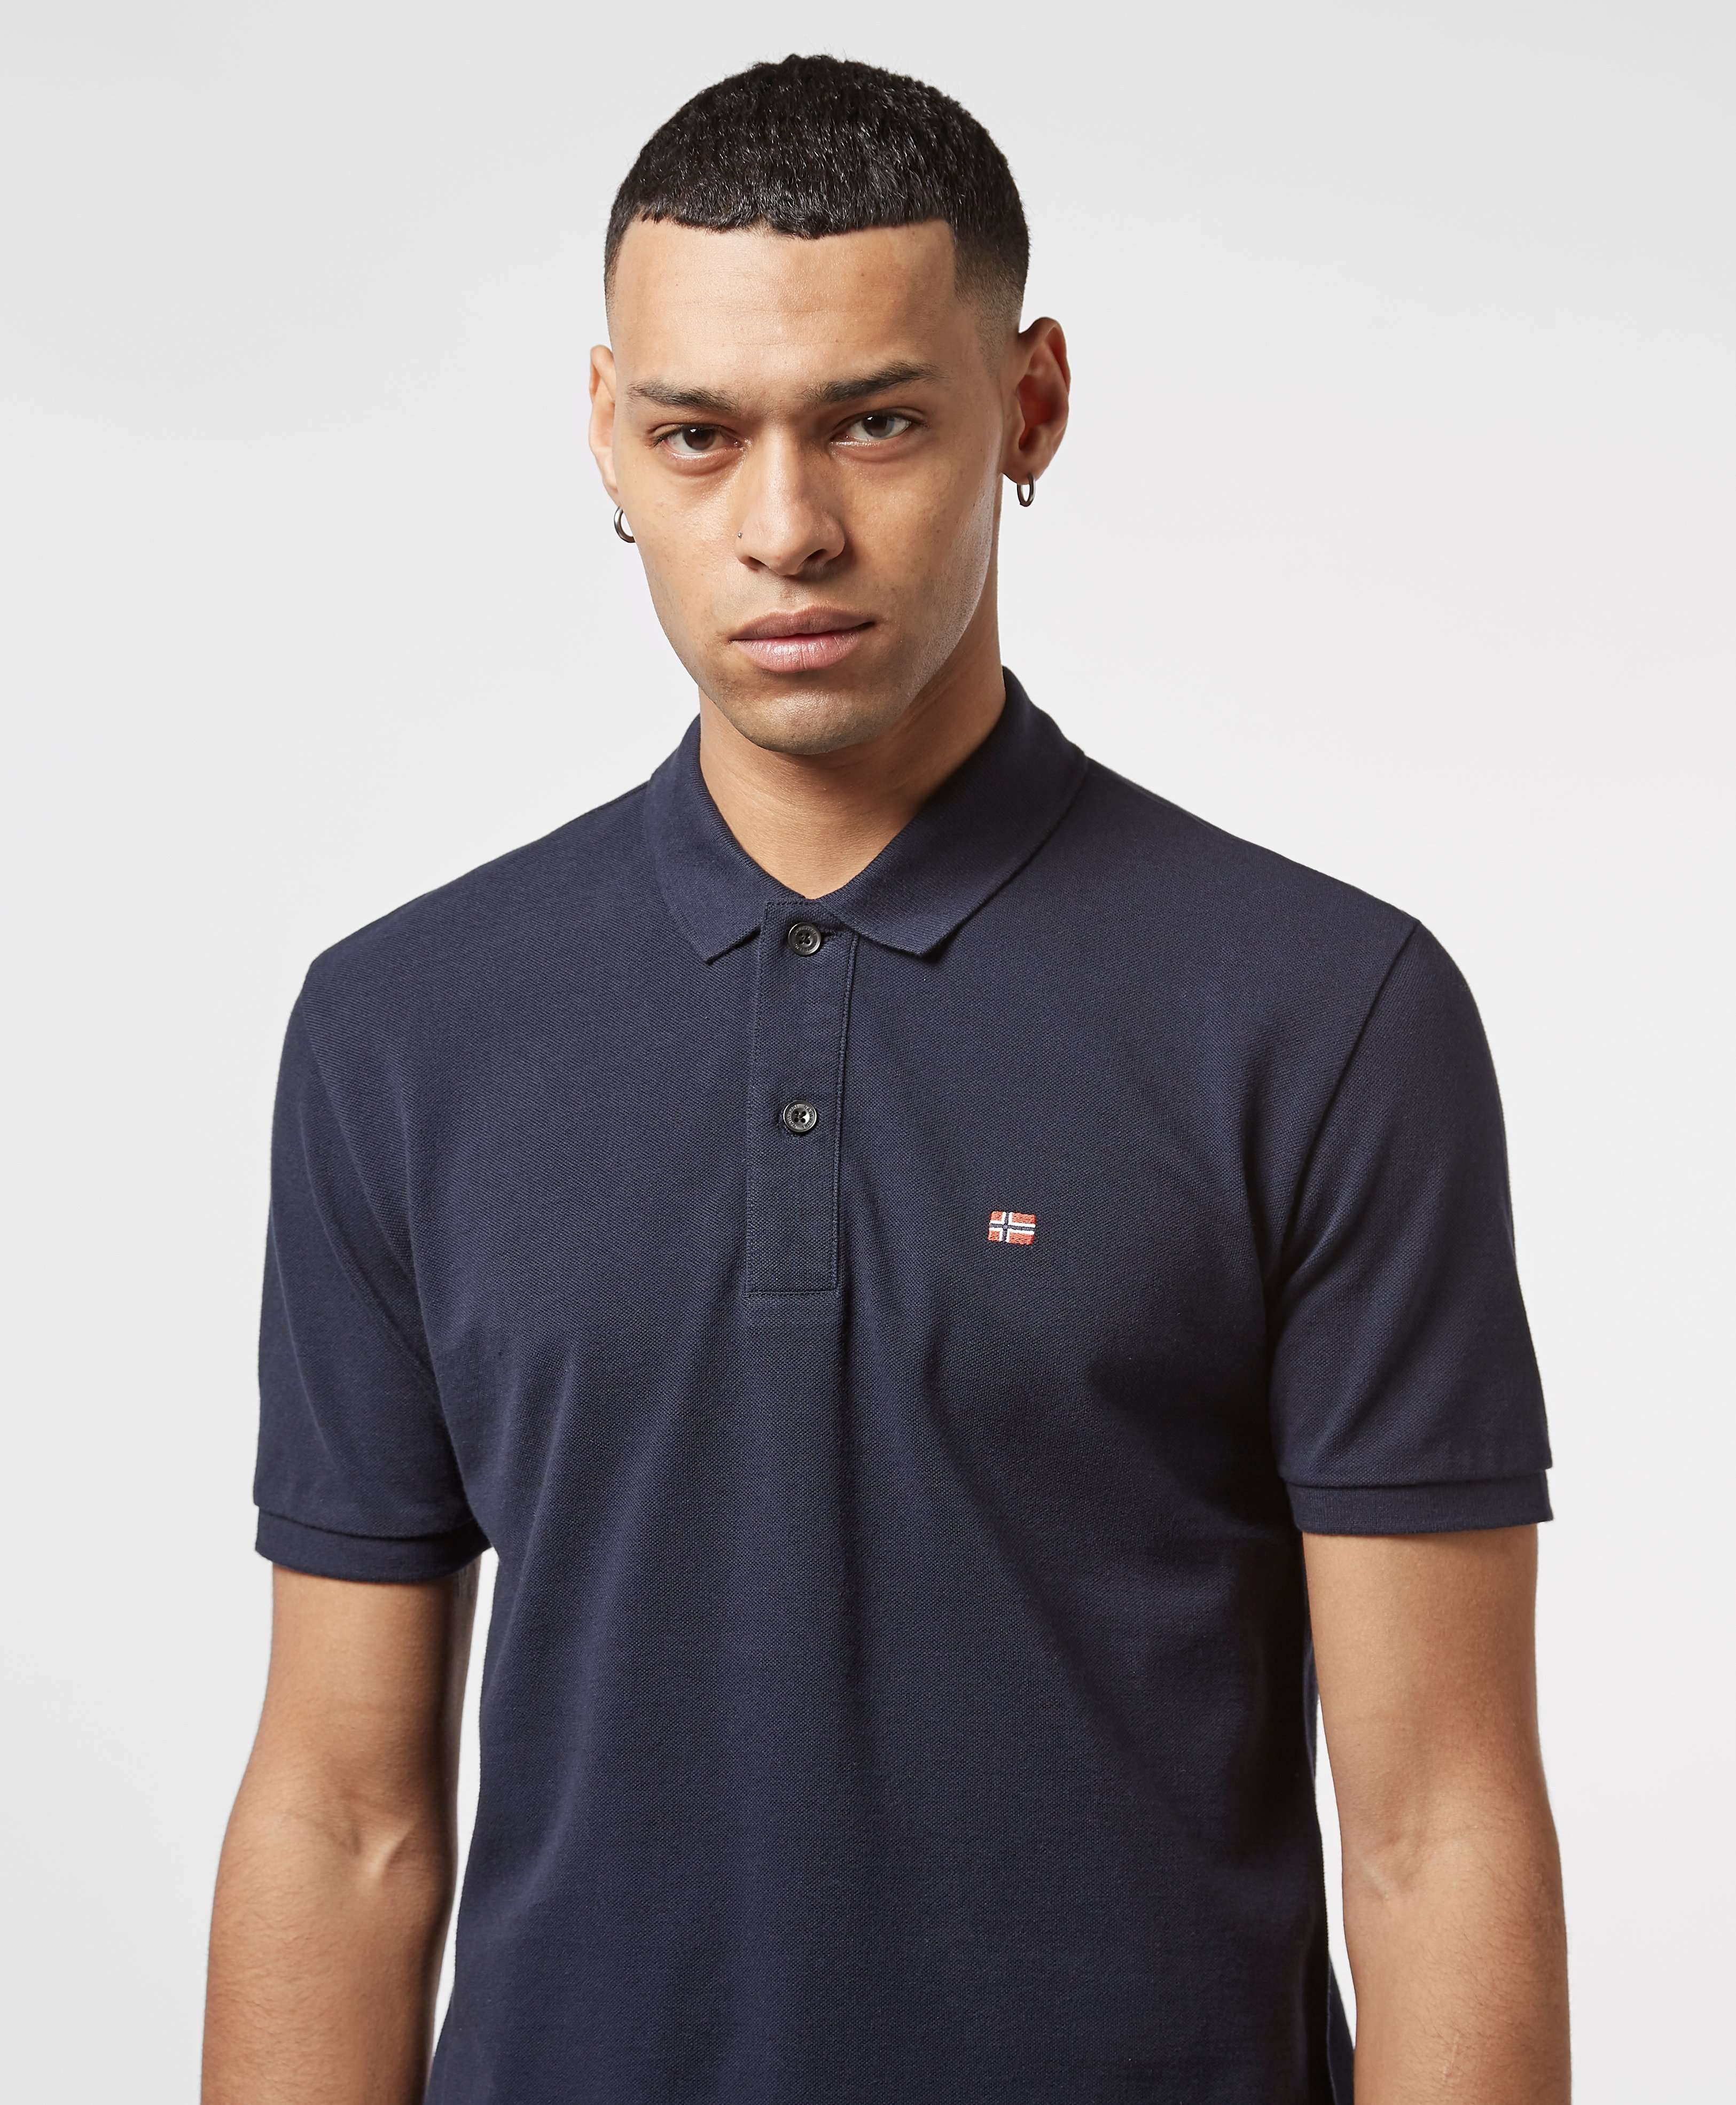 Napapijri Small Flag Short Sleeve Polo Shirt